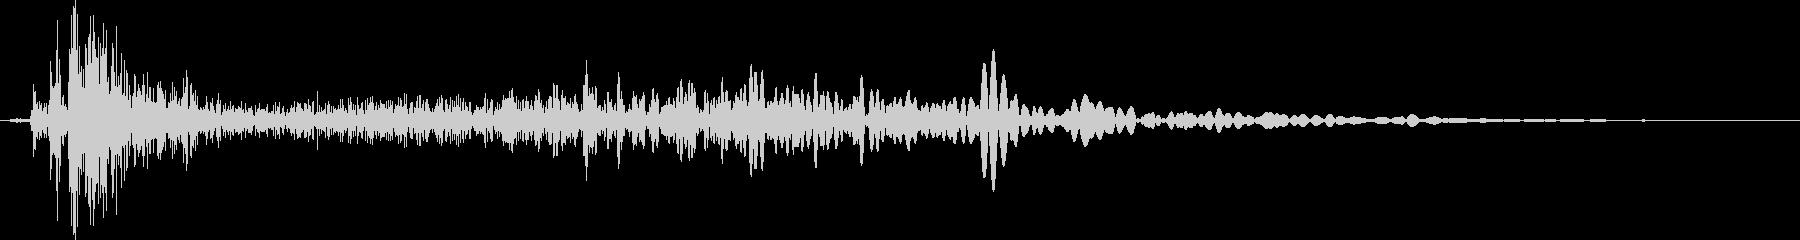 汎用ボタン4 ページ送り・セット等の未再生の波形